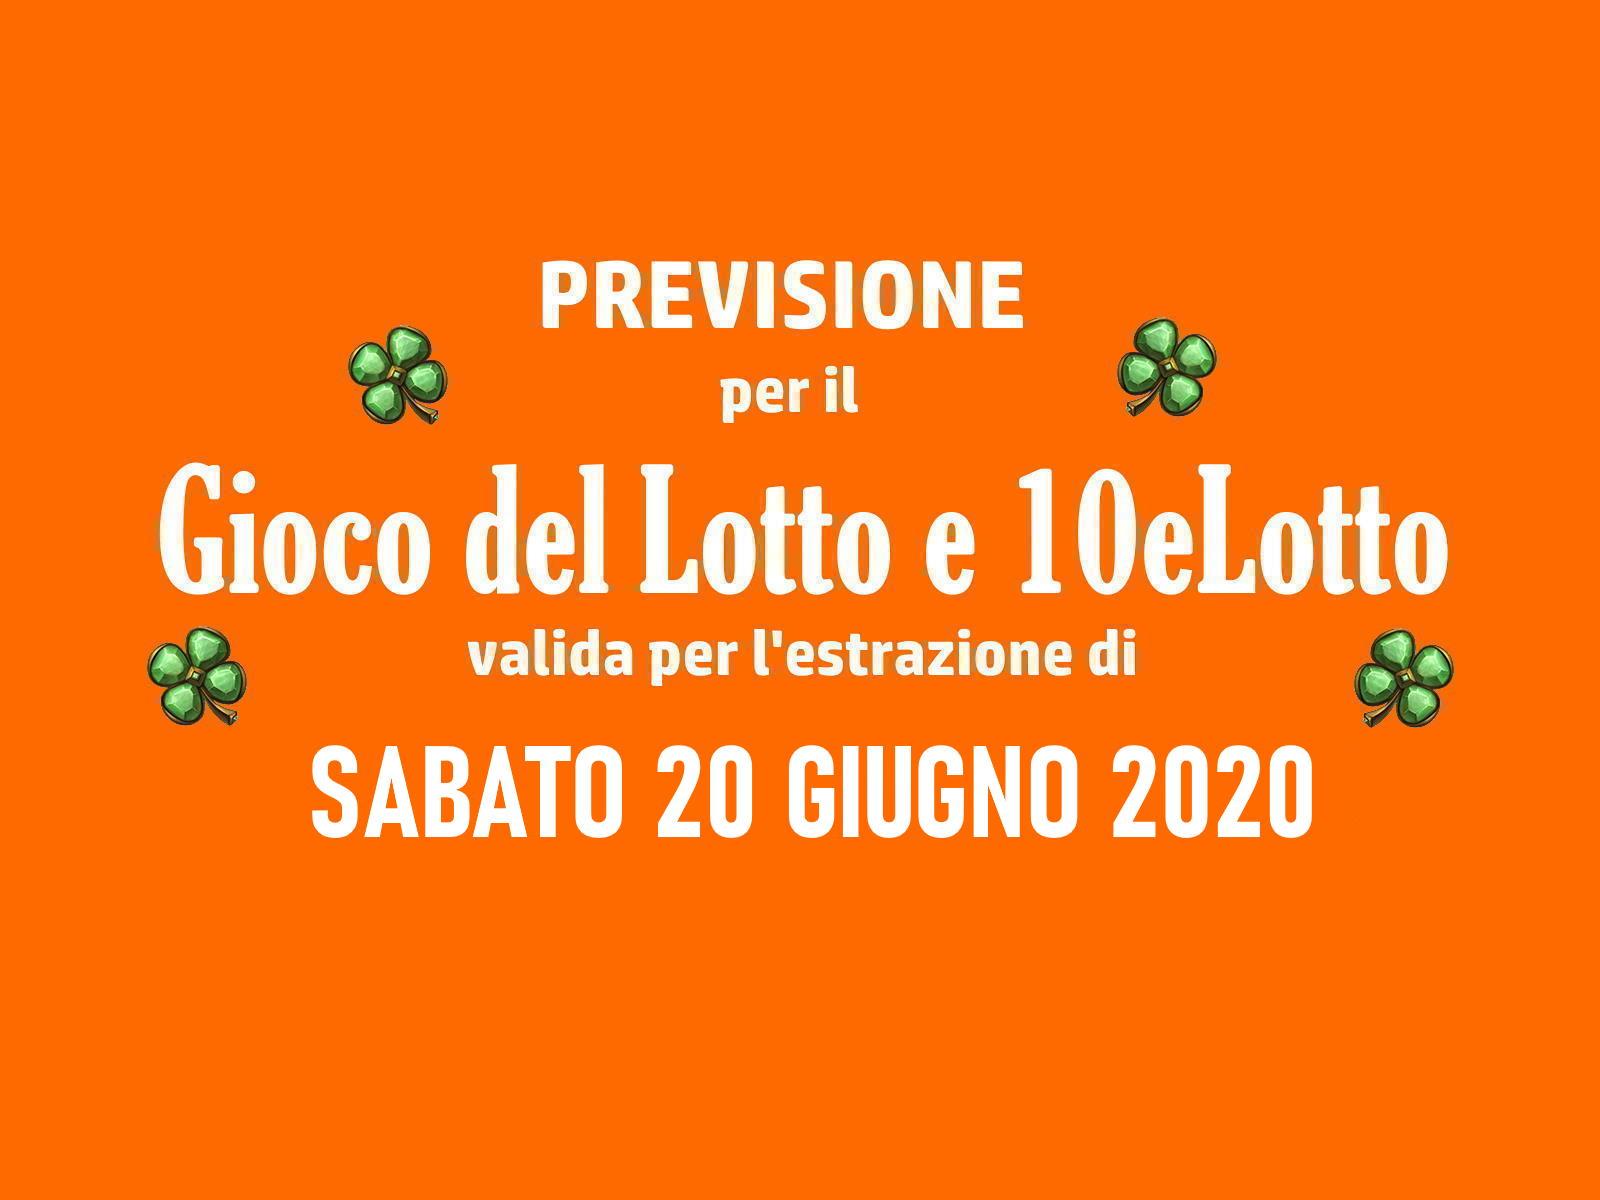 Previsione Lotto 20 Giugno 2020